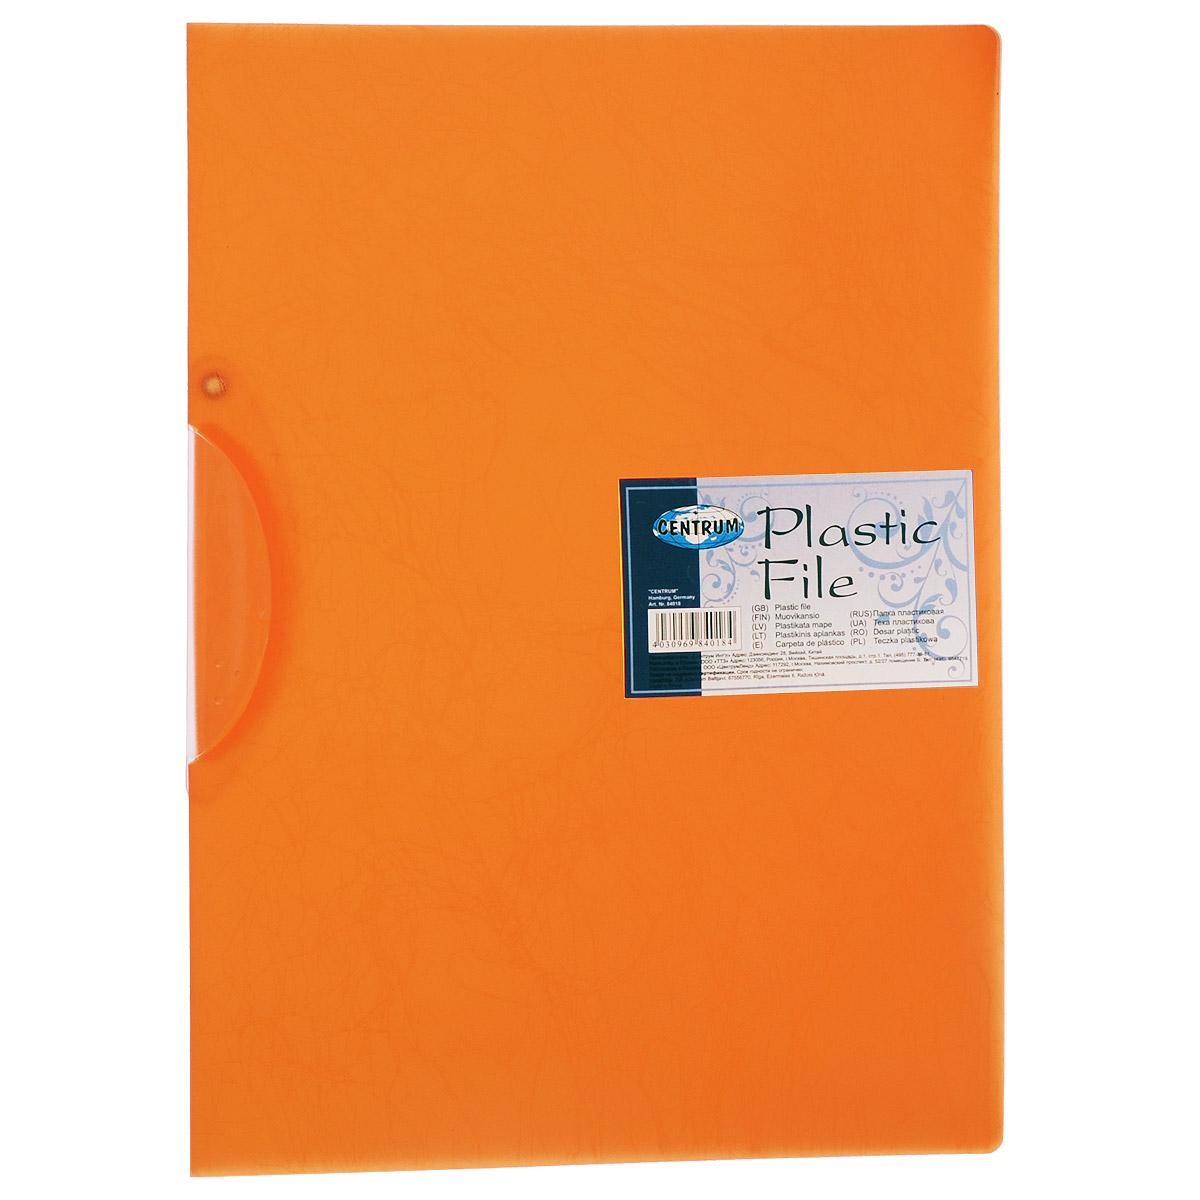 Папка с клипом Centrum, цвет: оранжевый. Формат А484018_оранжевыйПапка с клипом Centrum станет вашим верным помощником дома и в офисе. Это удобный и функциональный инструмент, предназначенный для хранения и транспортировки рабочих бумаг и документов формата А4.Папка изготовлена из прочного высококачественного пластика толщиной, оснащена боковым поворотным клипом, позволяющим фиксировать неперфорированные листы. Уголки имеют закругленную форму, что предотвращает их загибание и помогает надолго сохранить опрятный вид обложки. Папка оформлена изящным тиснением под шелкографию.Папка - это незаменимый атрибут для любого студента, школьника или офисного работника. Такая папка надежно сохранит ваши бумаги и сбережет их от повреждений, пыли и влаги.